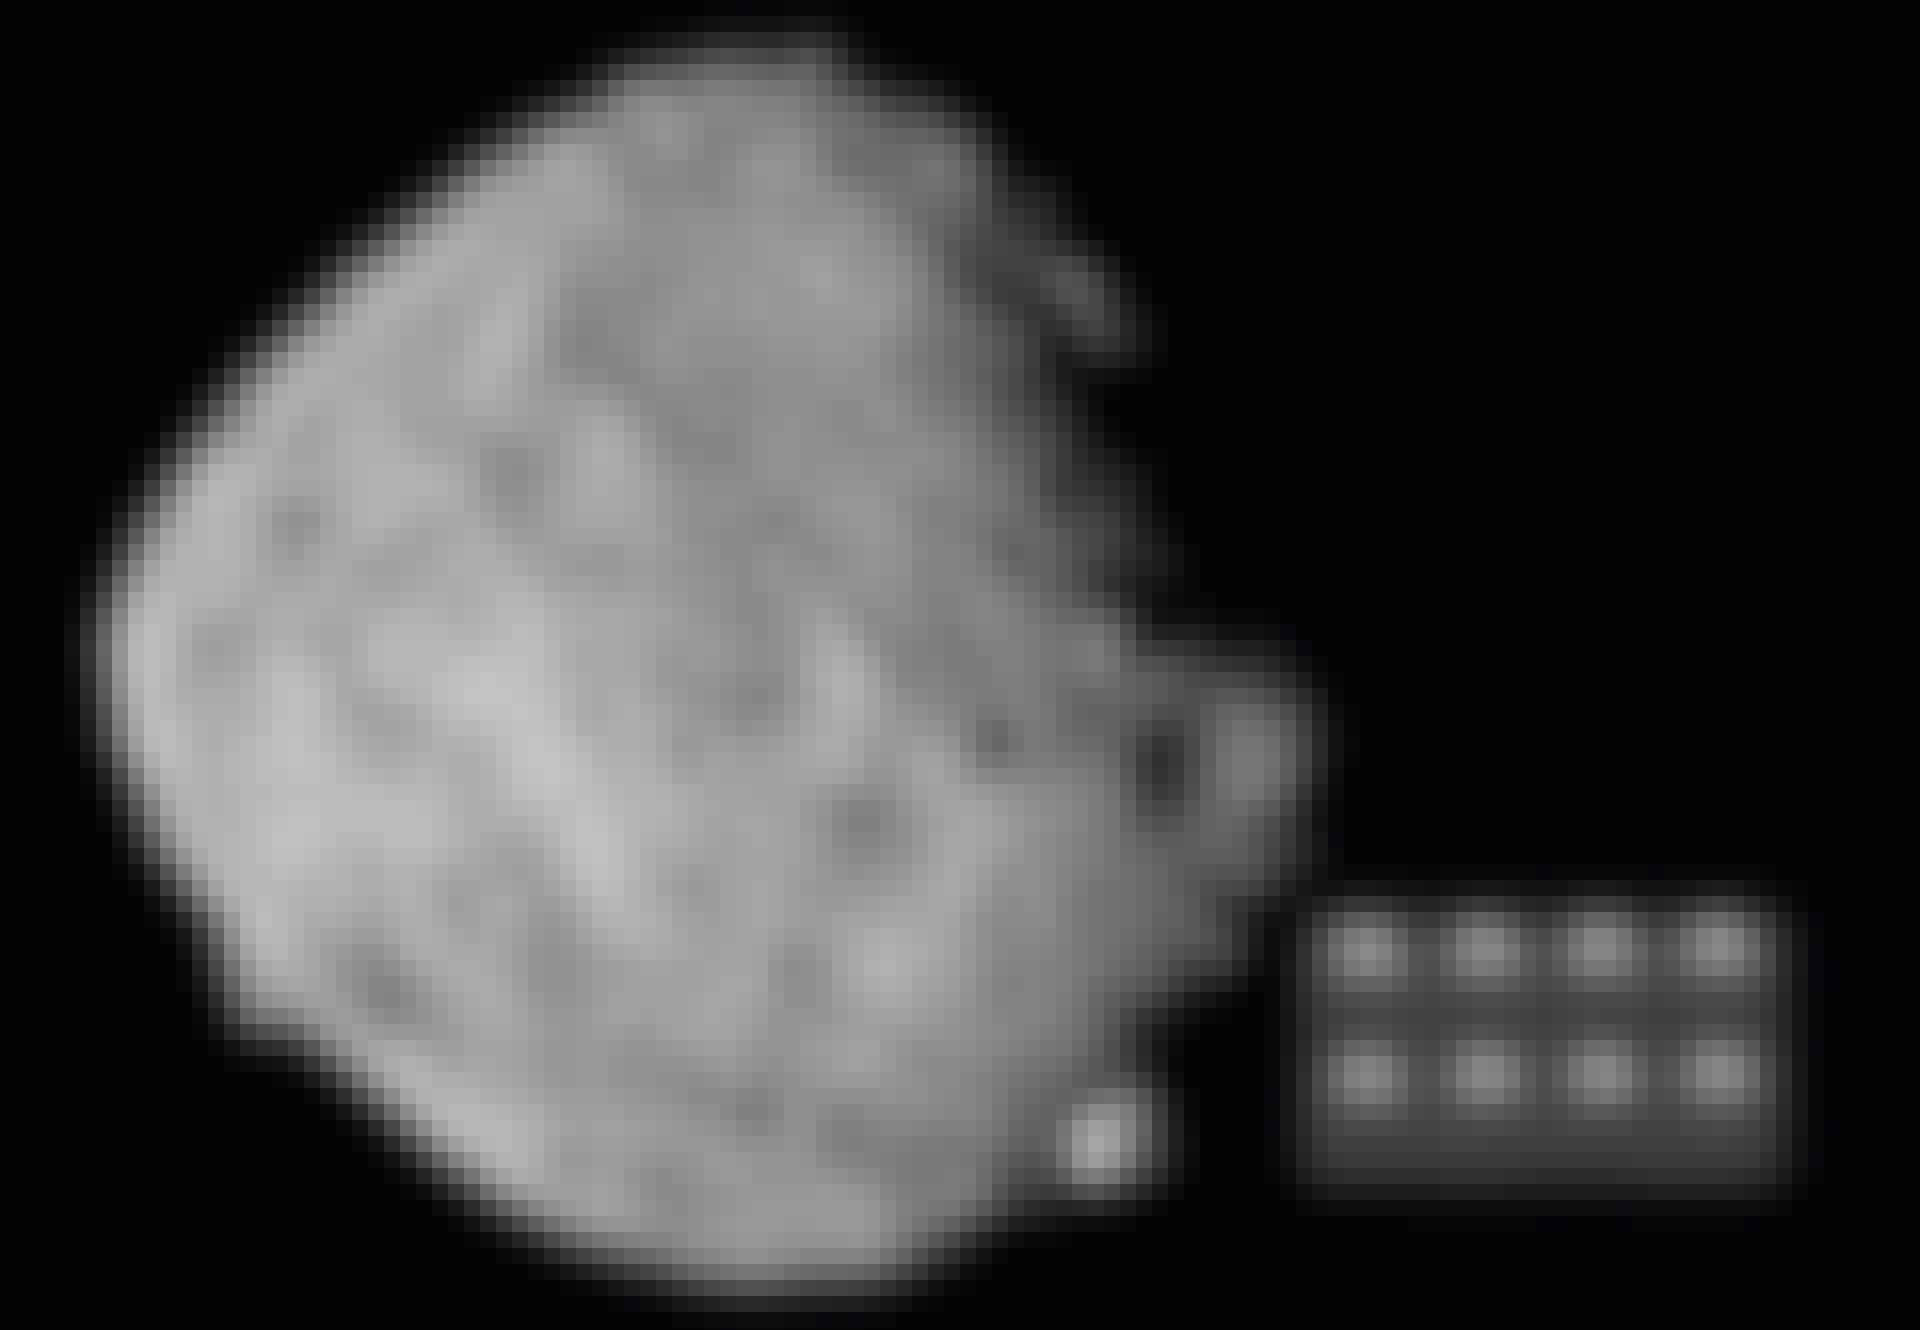 Asteroiden Bennu blev karakteriseret af Areciboteleskopet